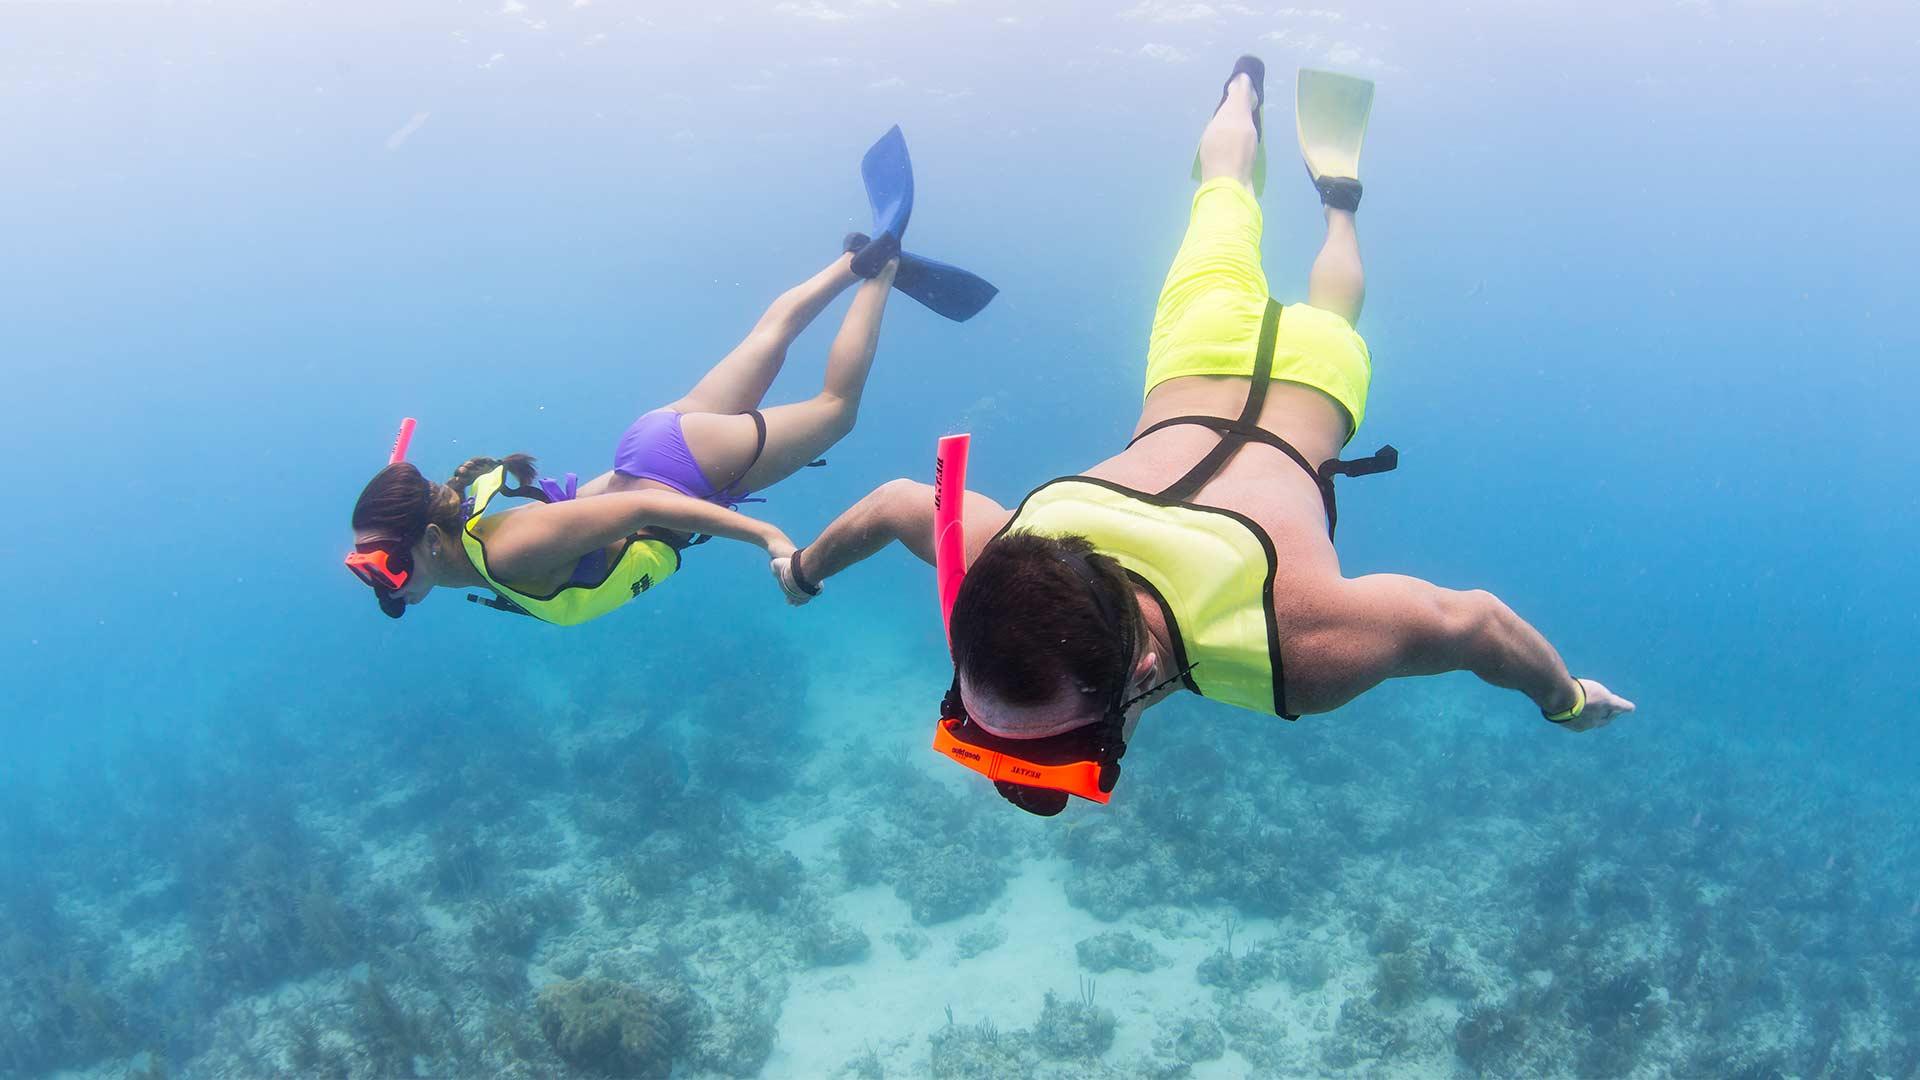 Image of Snorkelers in the ocean